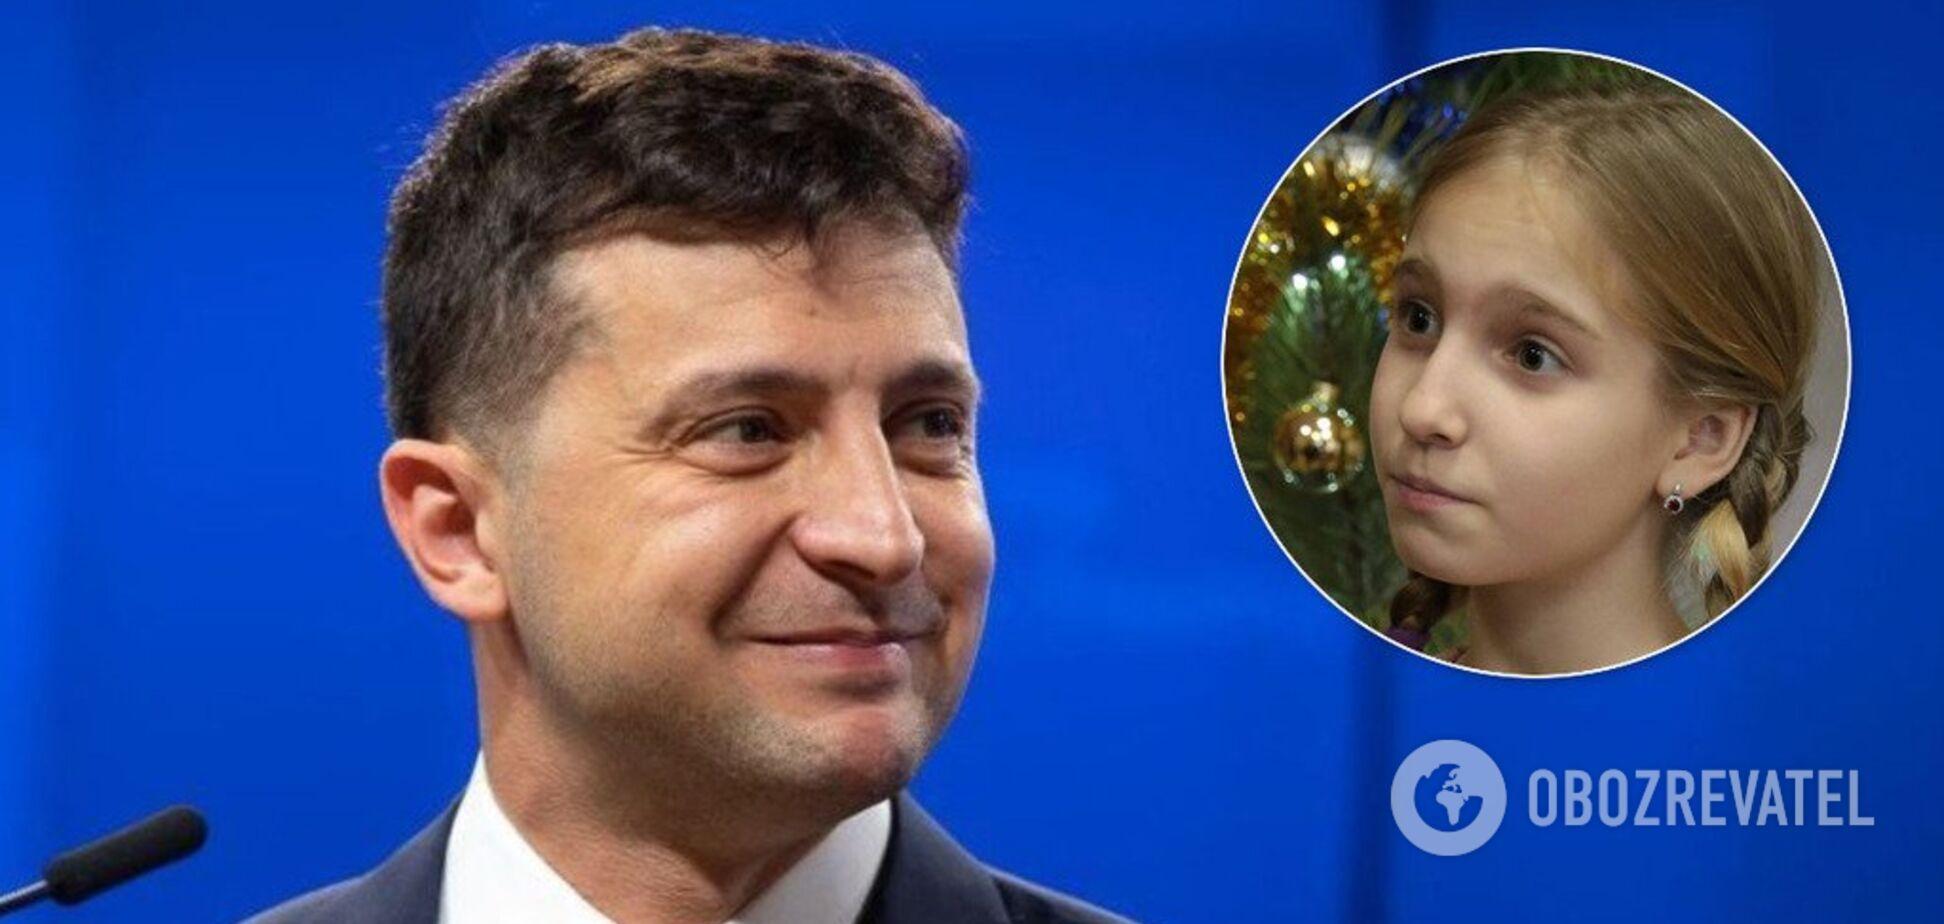 'Желаю отличных оценок и знаний': девочка поблагодарила Зеленского за новогодний подарок